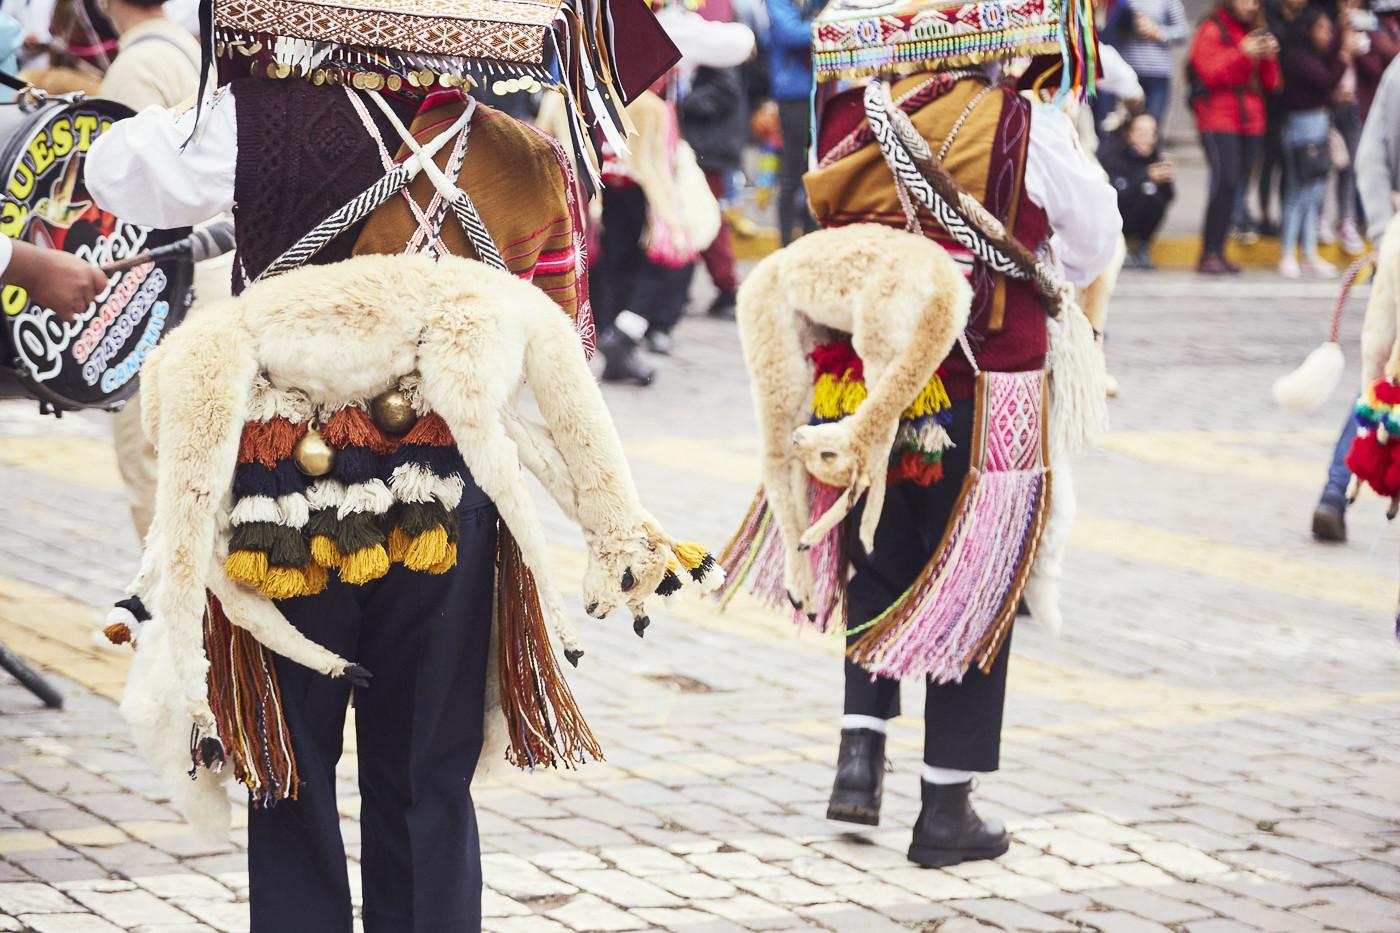 Guanacos als Zierde der Kleidung - die Tiere werden in Peru verehrt